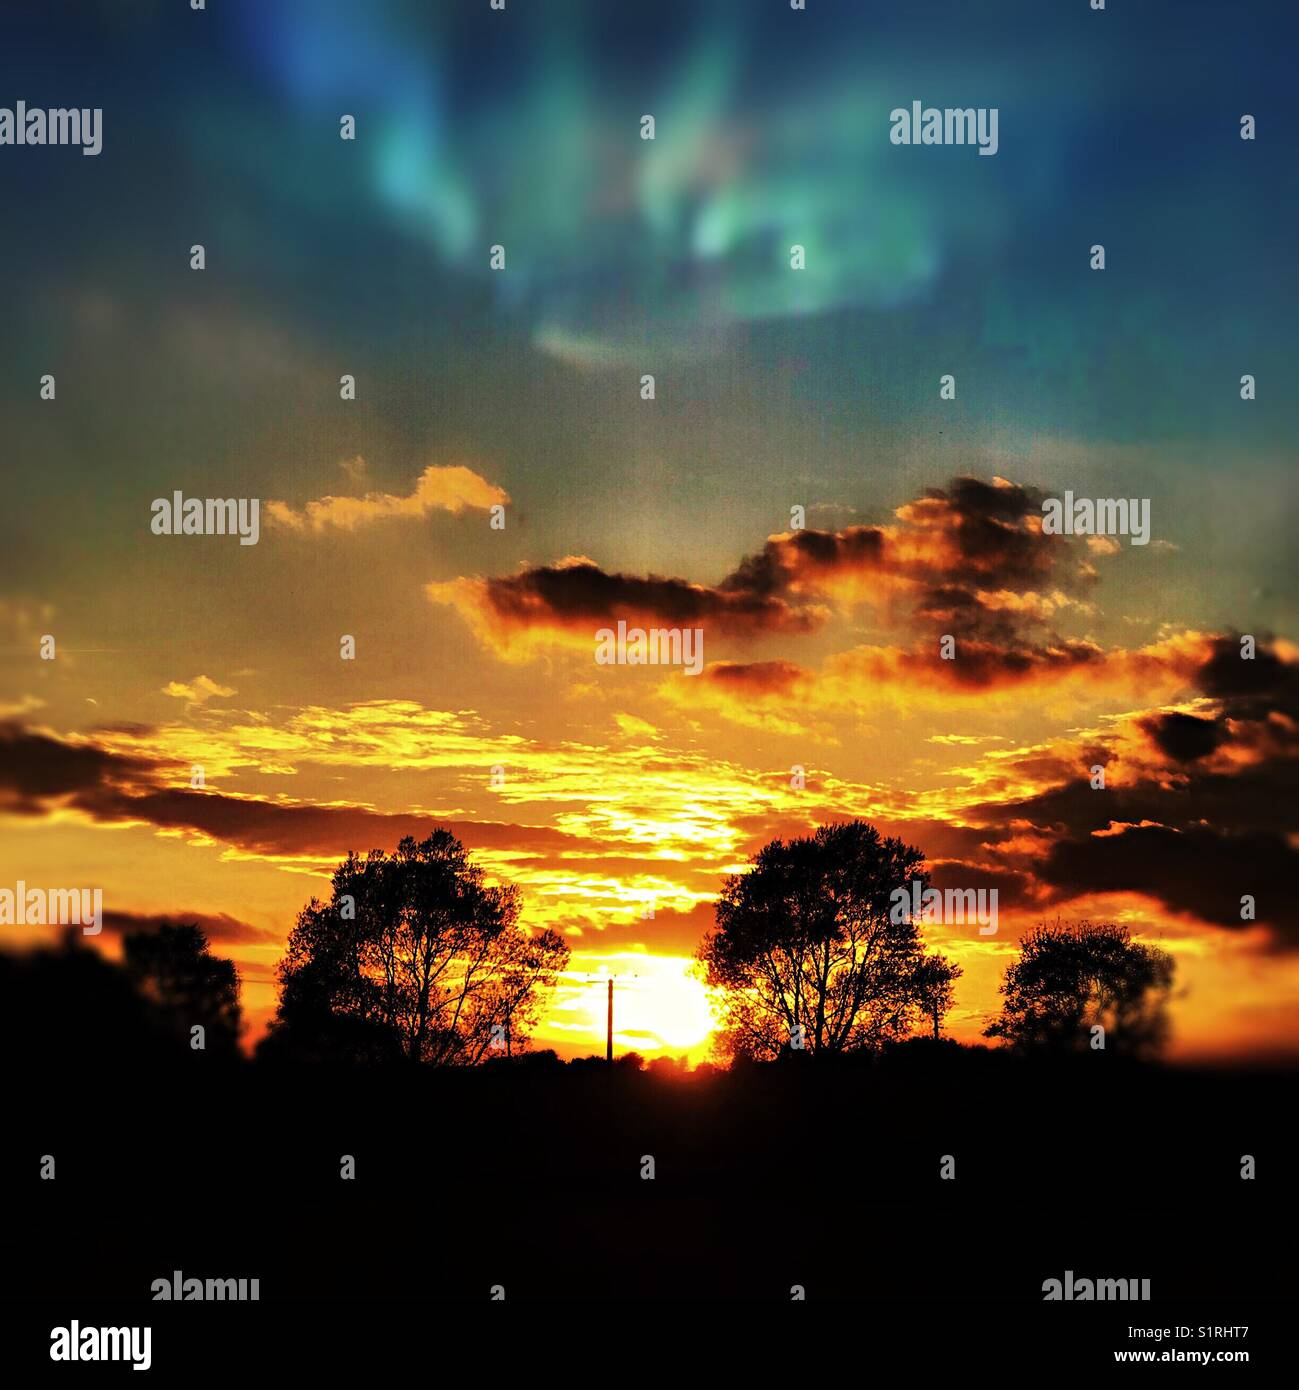 Sunset landscape - Stock Image